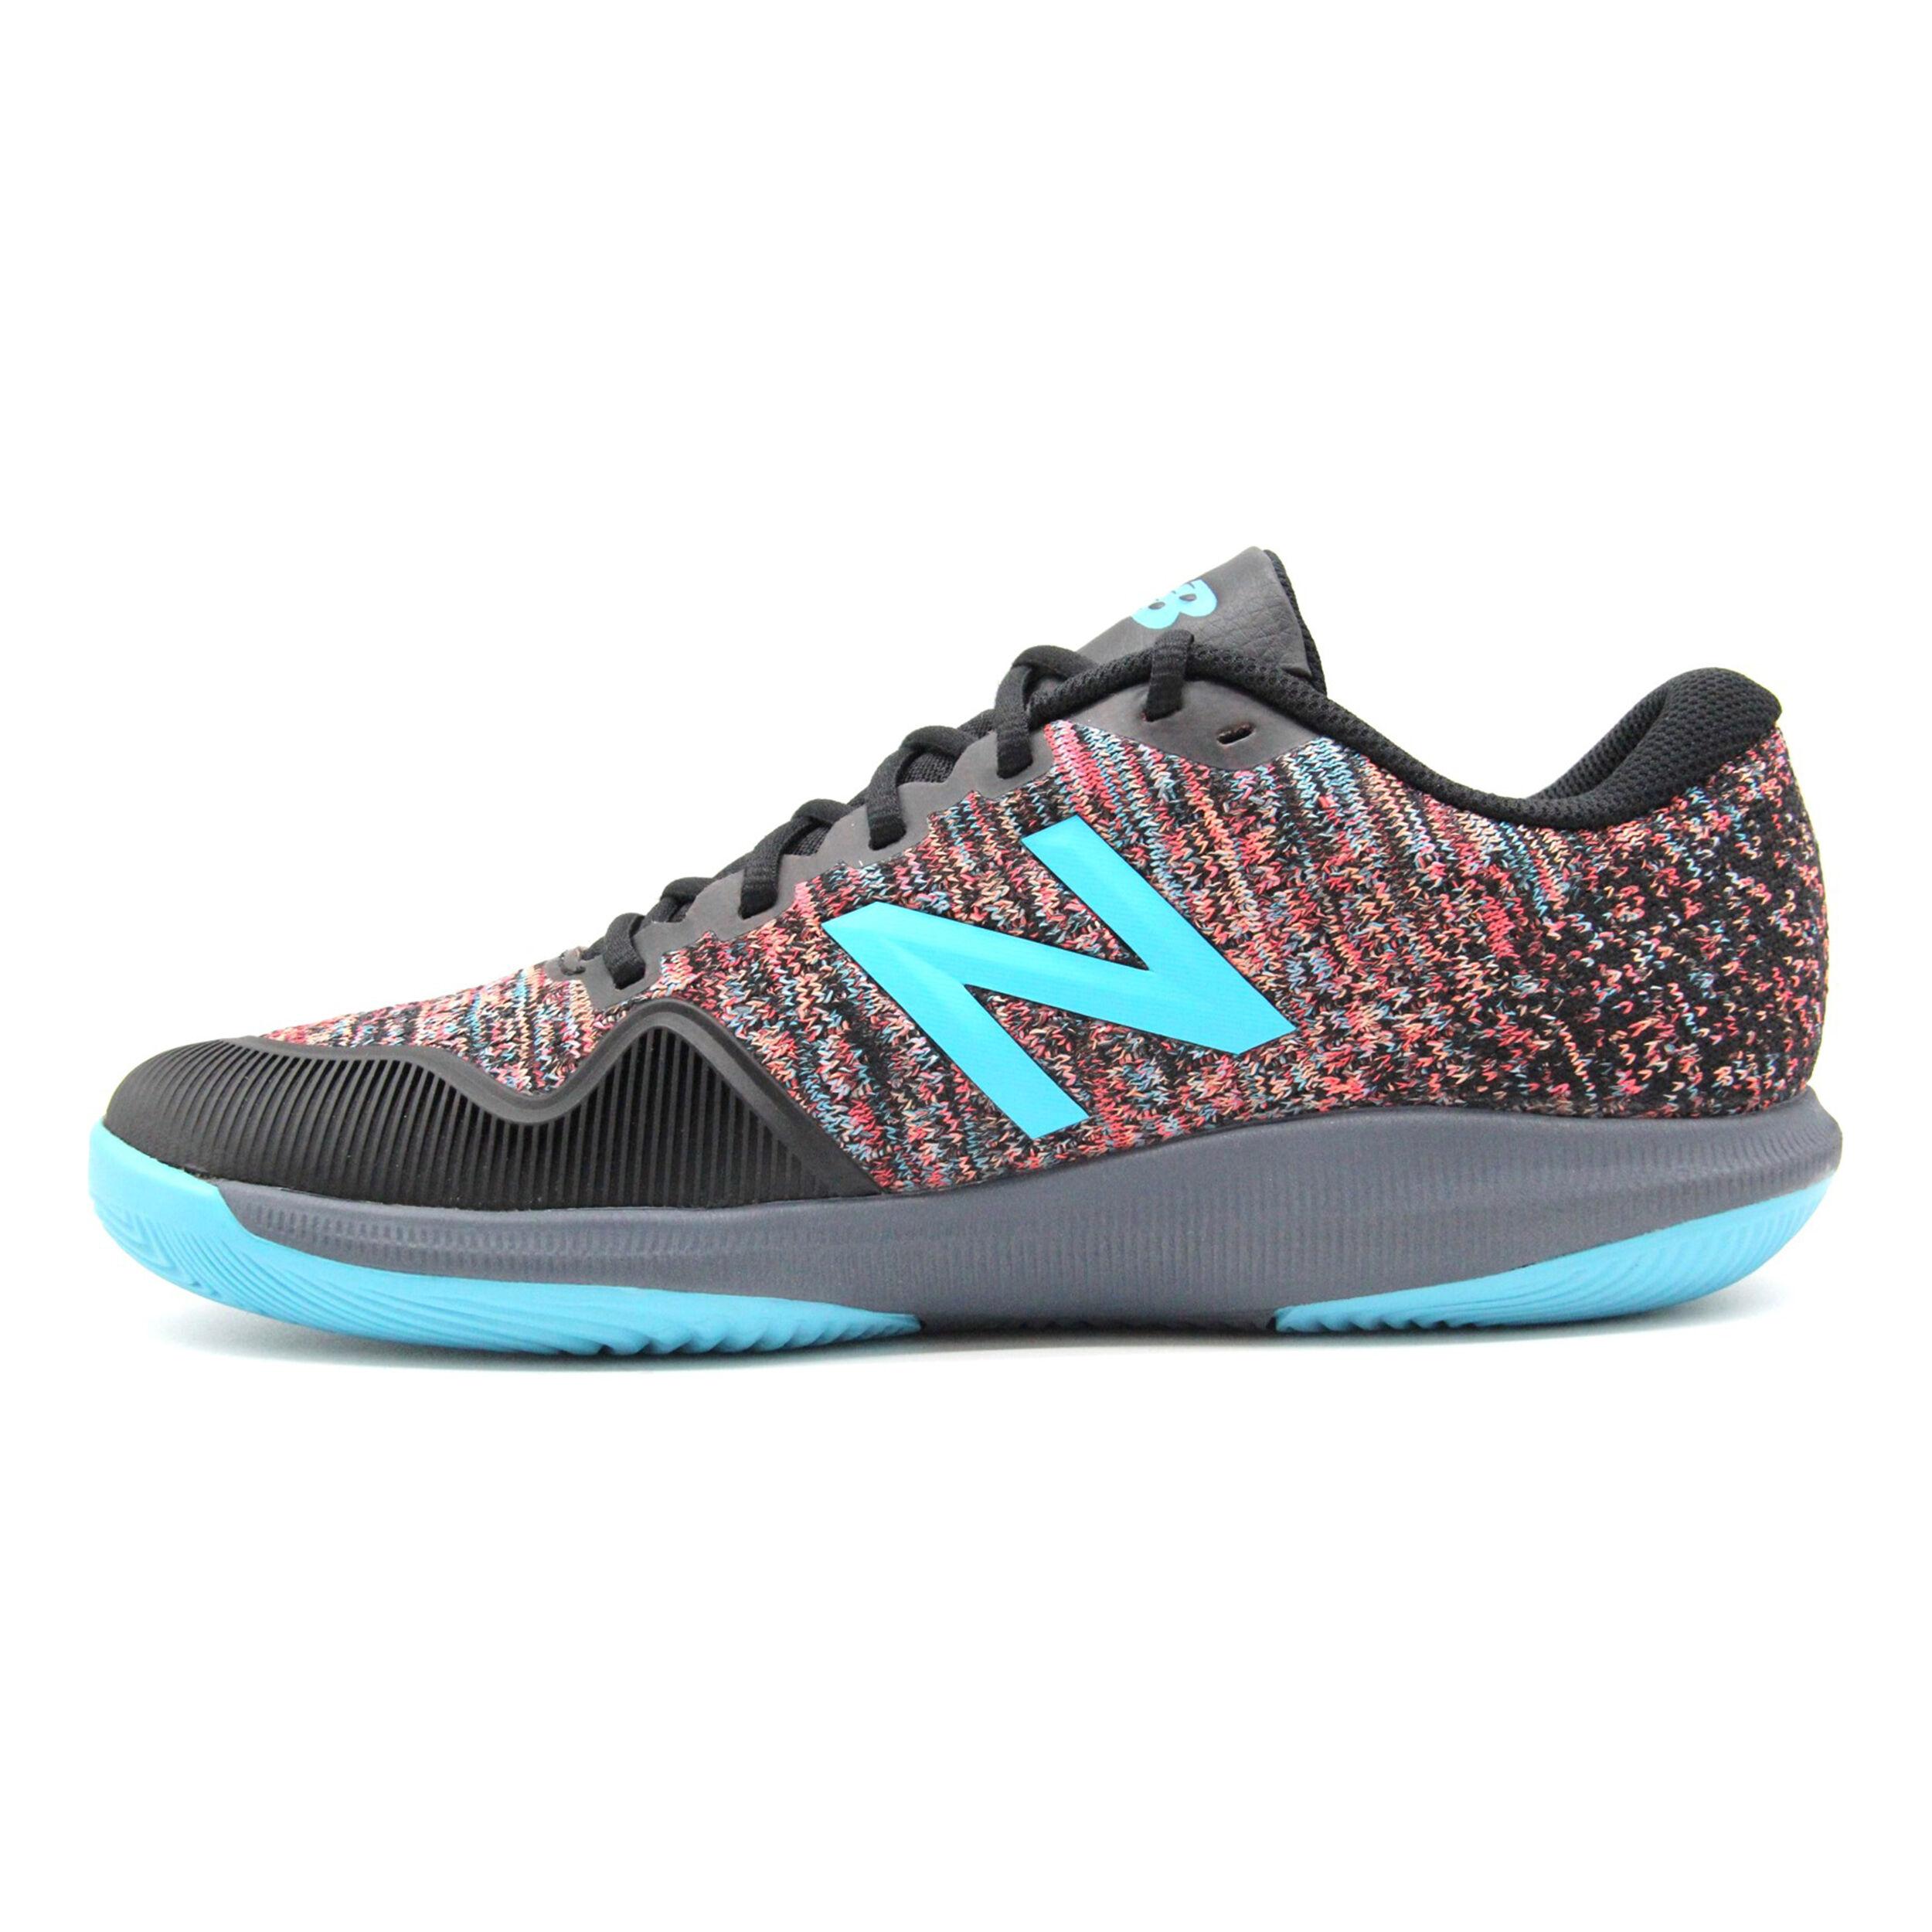 buy New Balance 996 V4 All Court Shoe Men - Black, Multicoloured ...